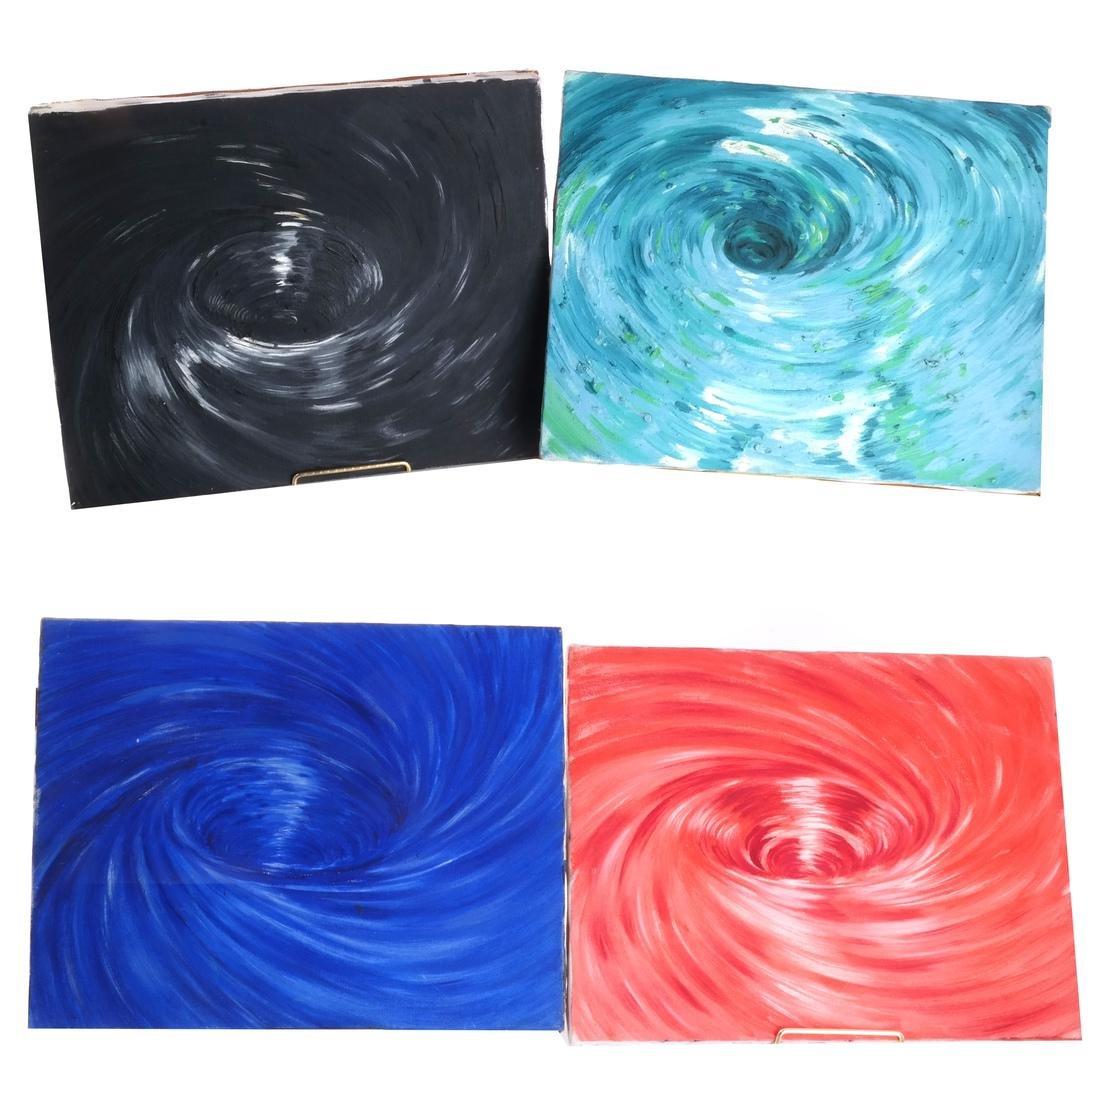 Ben Bianchi: Vortex, Set of Four Oils on Canvas